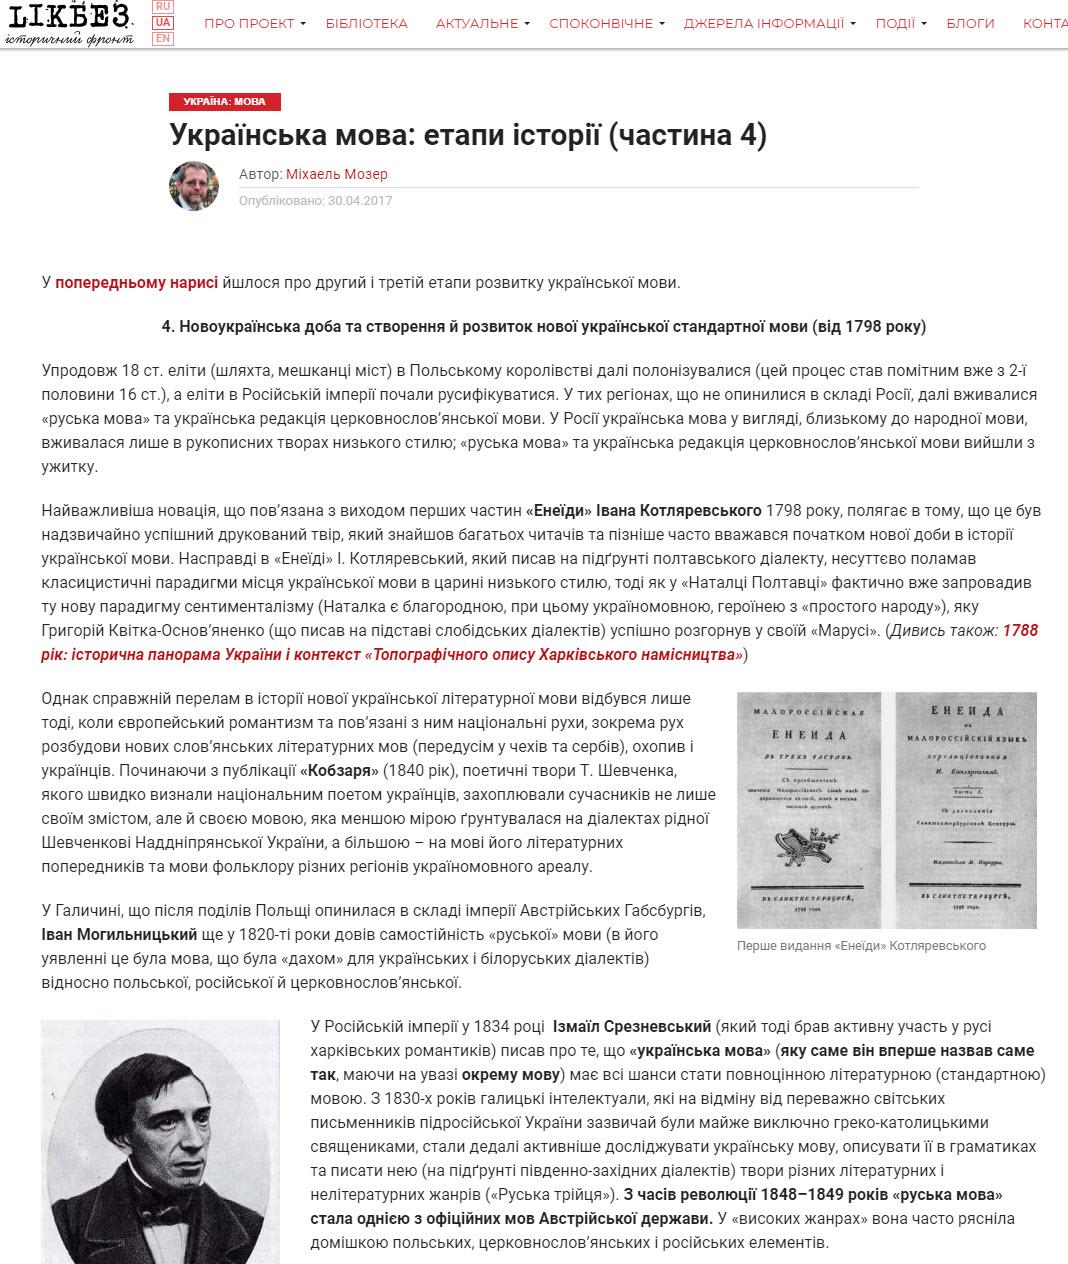 Screenshot likbez.org.ua